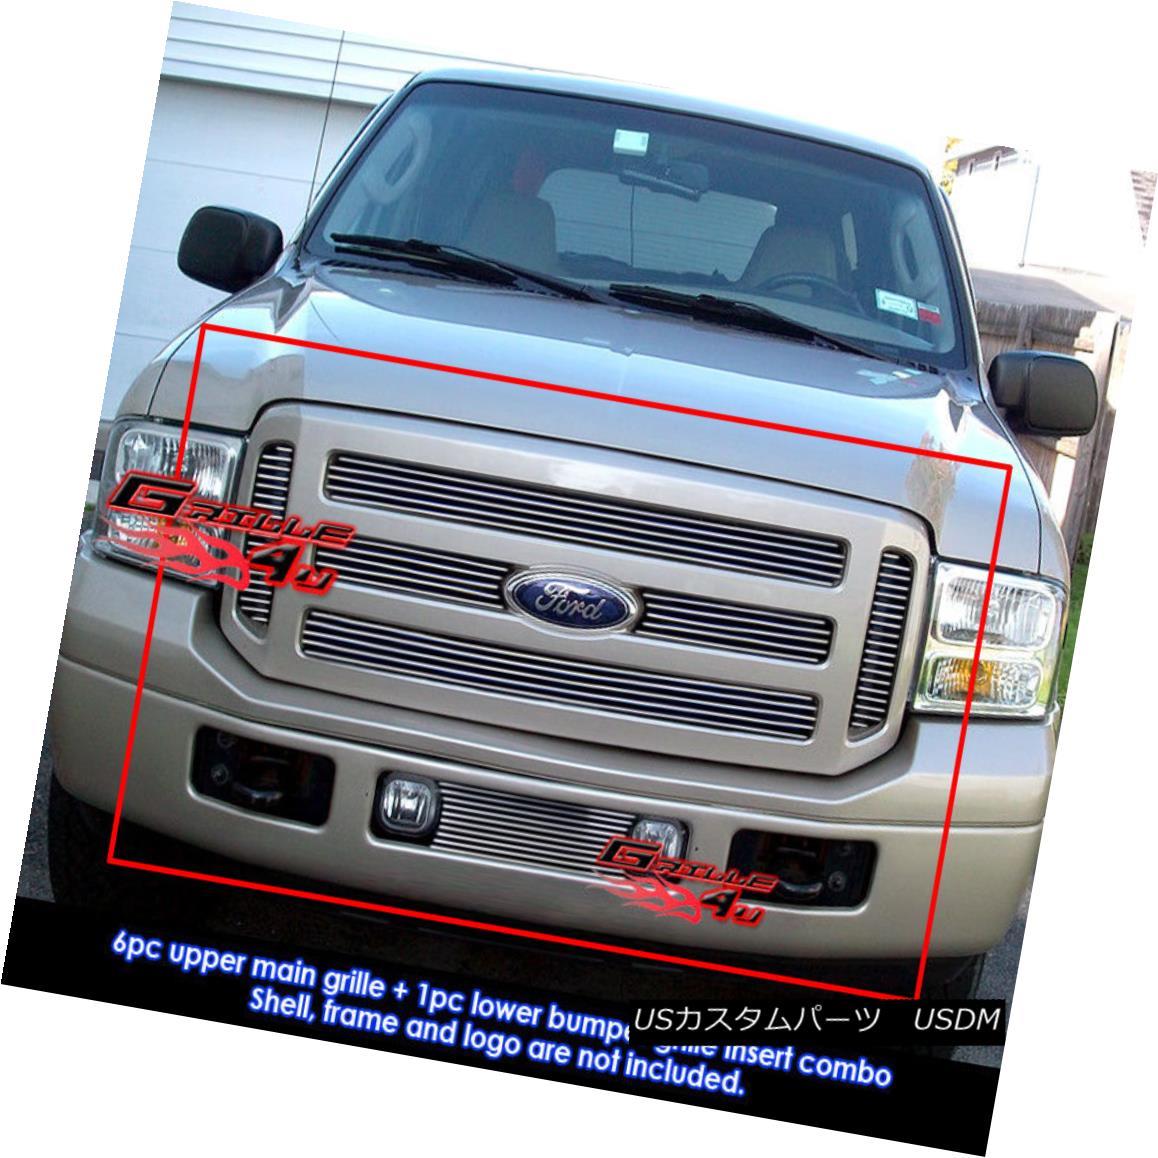 グリル For 05-07 Ford F-250/F-350 Super Duty Billet Grille Combo 05-07 Ford F-250 / F-350スーパーデューティービレットグリルコンボ用